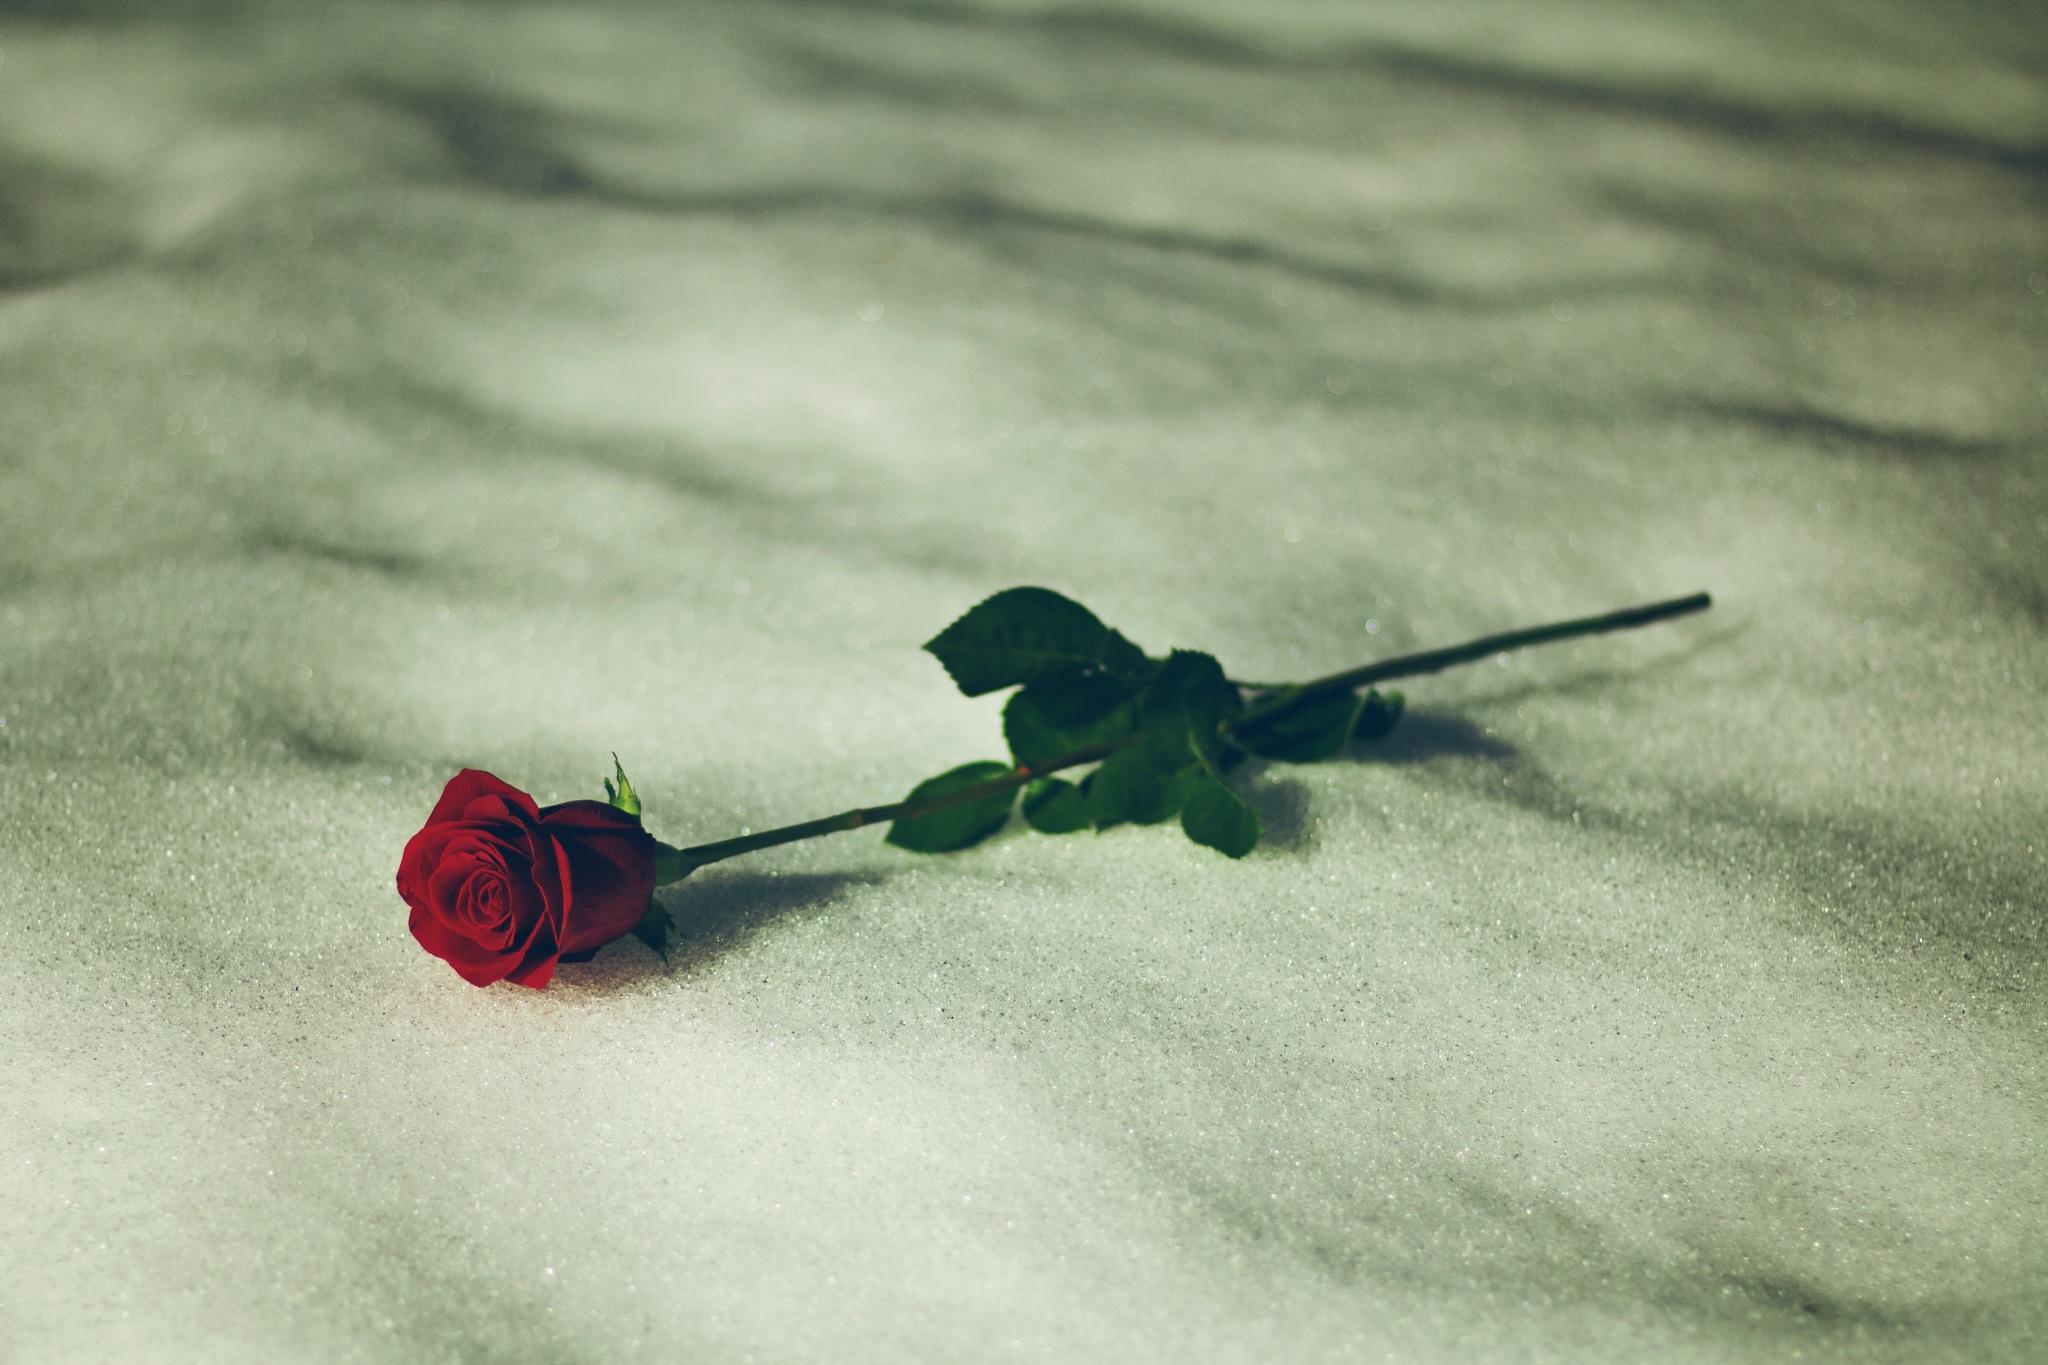 Fallen Love by Jesse LaMora